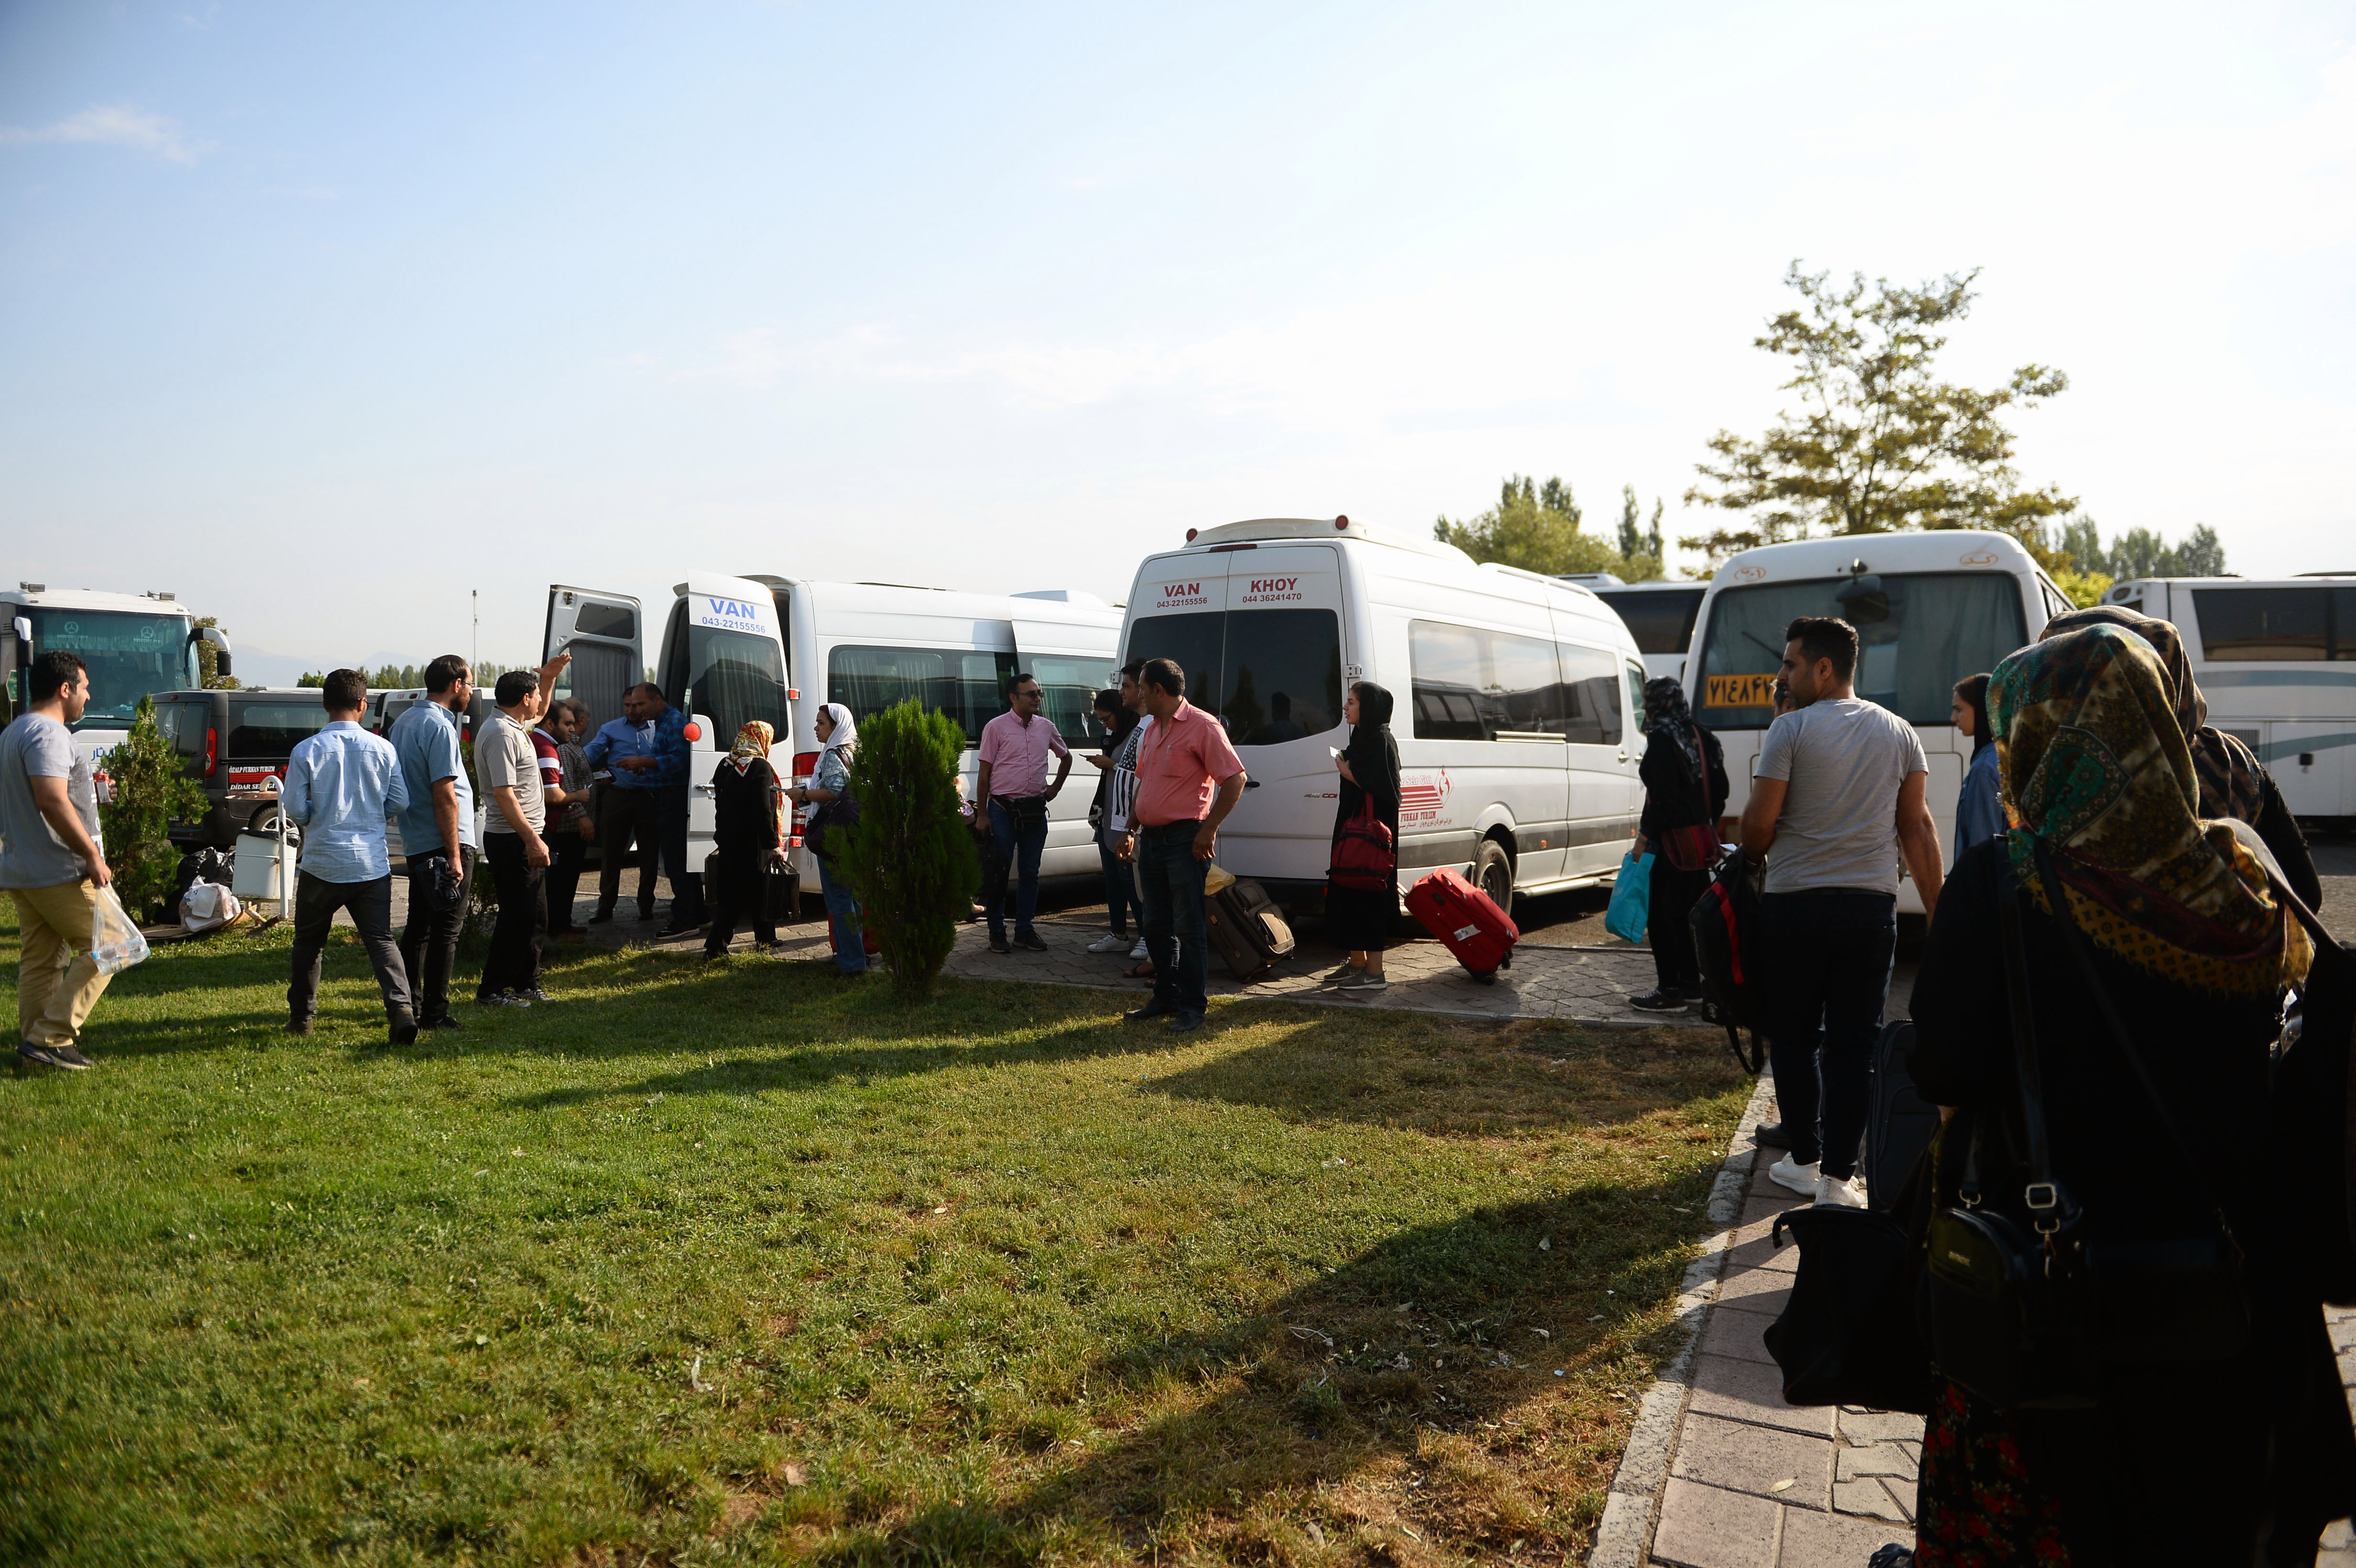 سفر زمینی به وان ترکیه - سفر از خوی به ترکیه - سفر از خوی به وان - سفر از مرز رازی به وان ترکیه